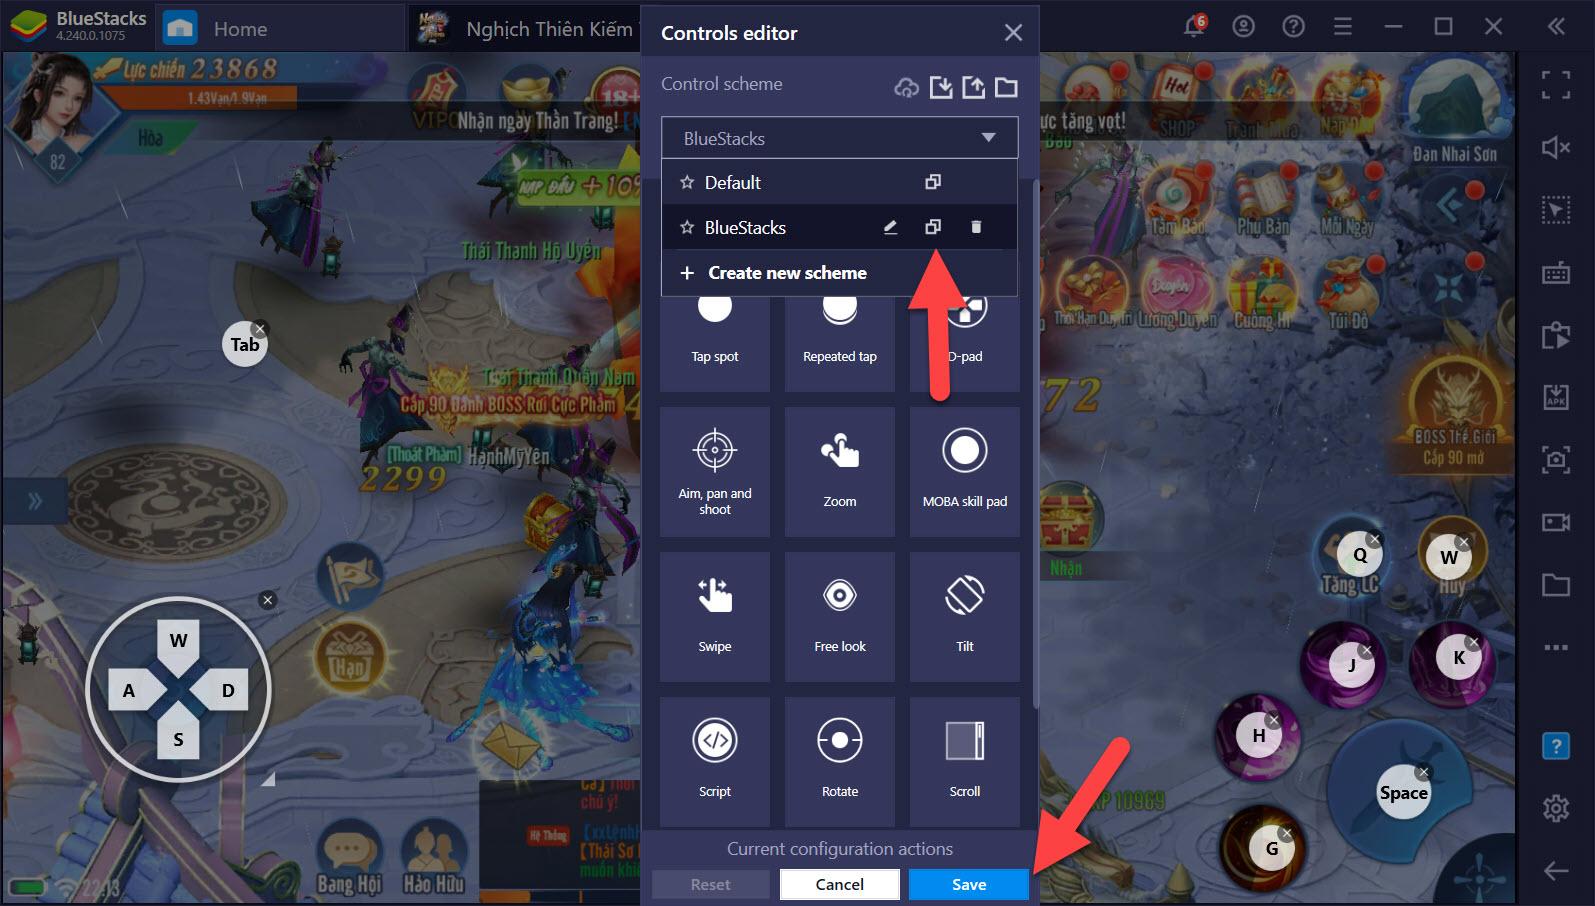 Tinh chỉnh Game Controls tối ưu cách chơi Nghịch Thiên Kiếm Thế